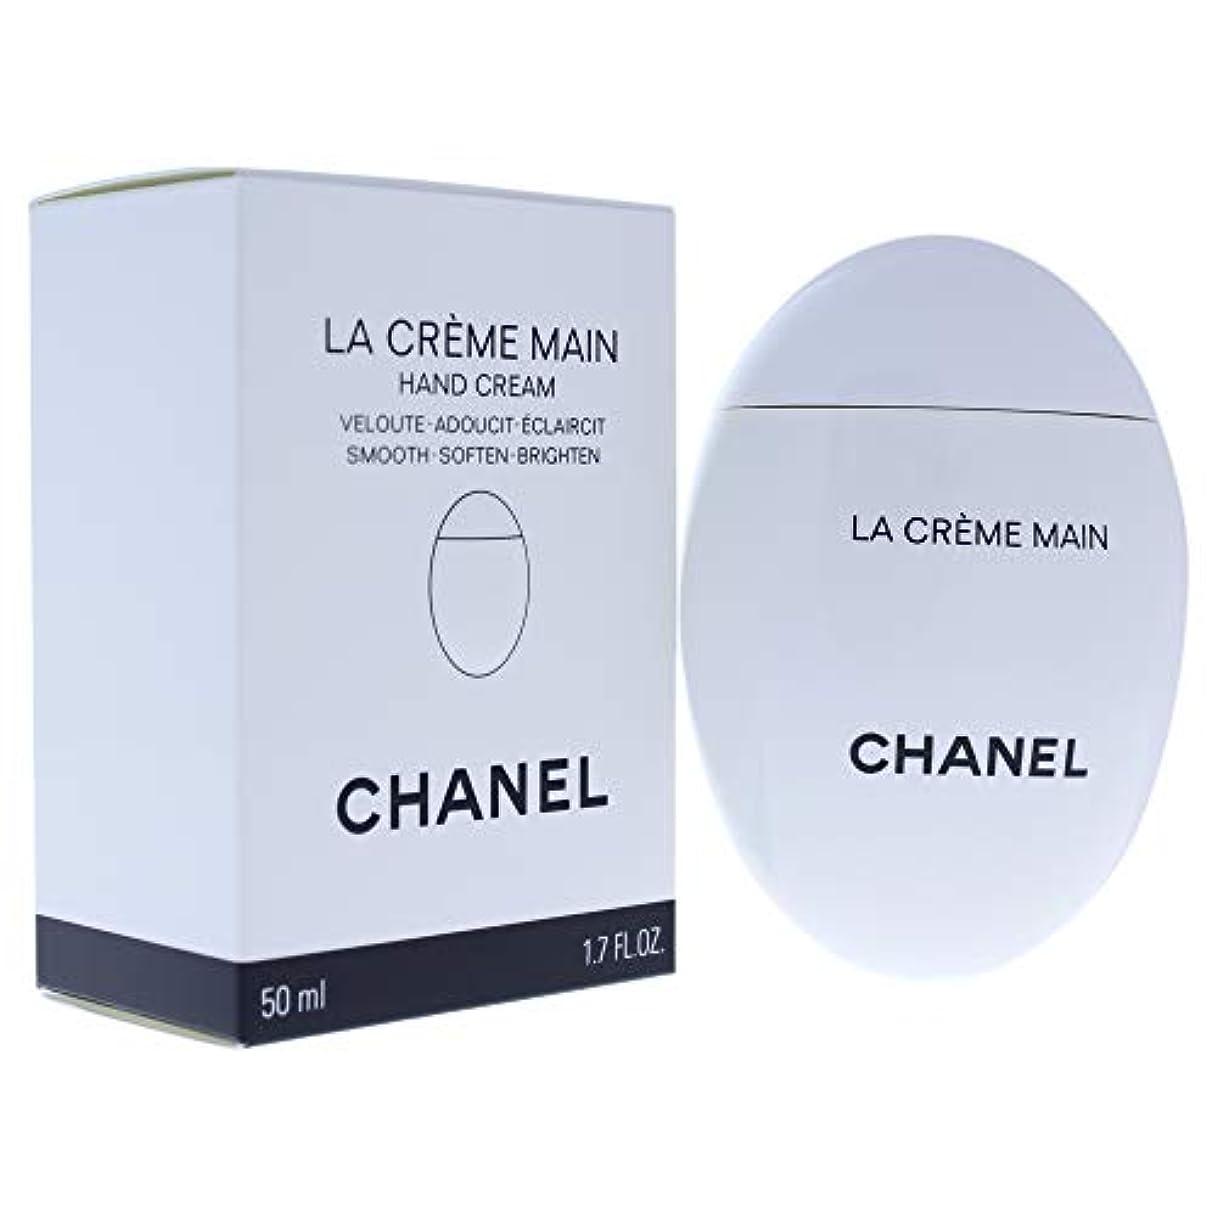 アサート変数無限大CHANEL LA CRÈME MAIN シャネル ラ クレーム マン ハンドクリーム 50ml